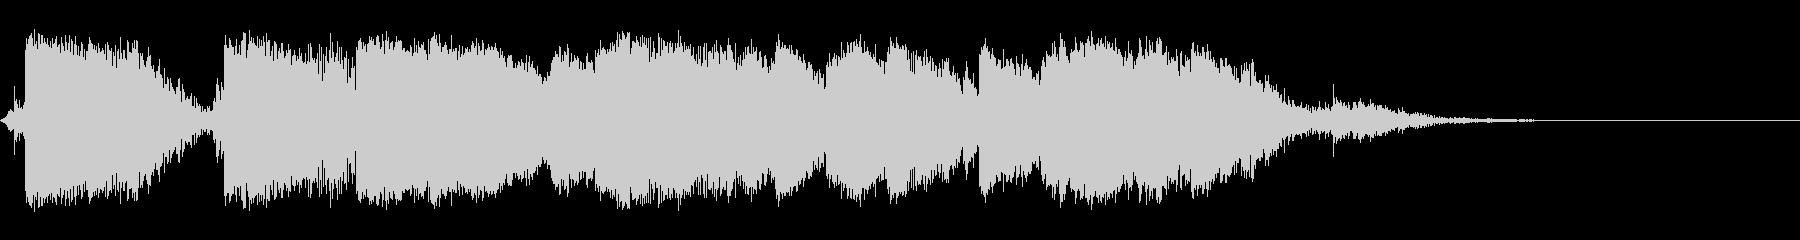 ヘビースクラップ、フォリーのメタル...の未再生の波形